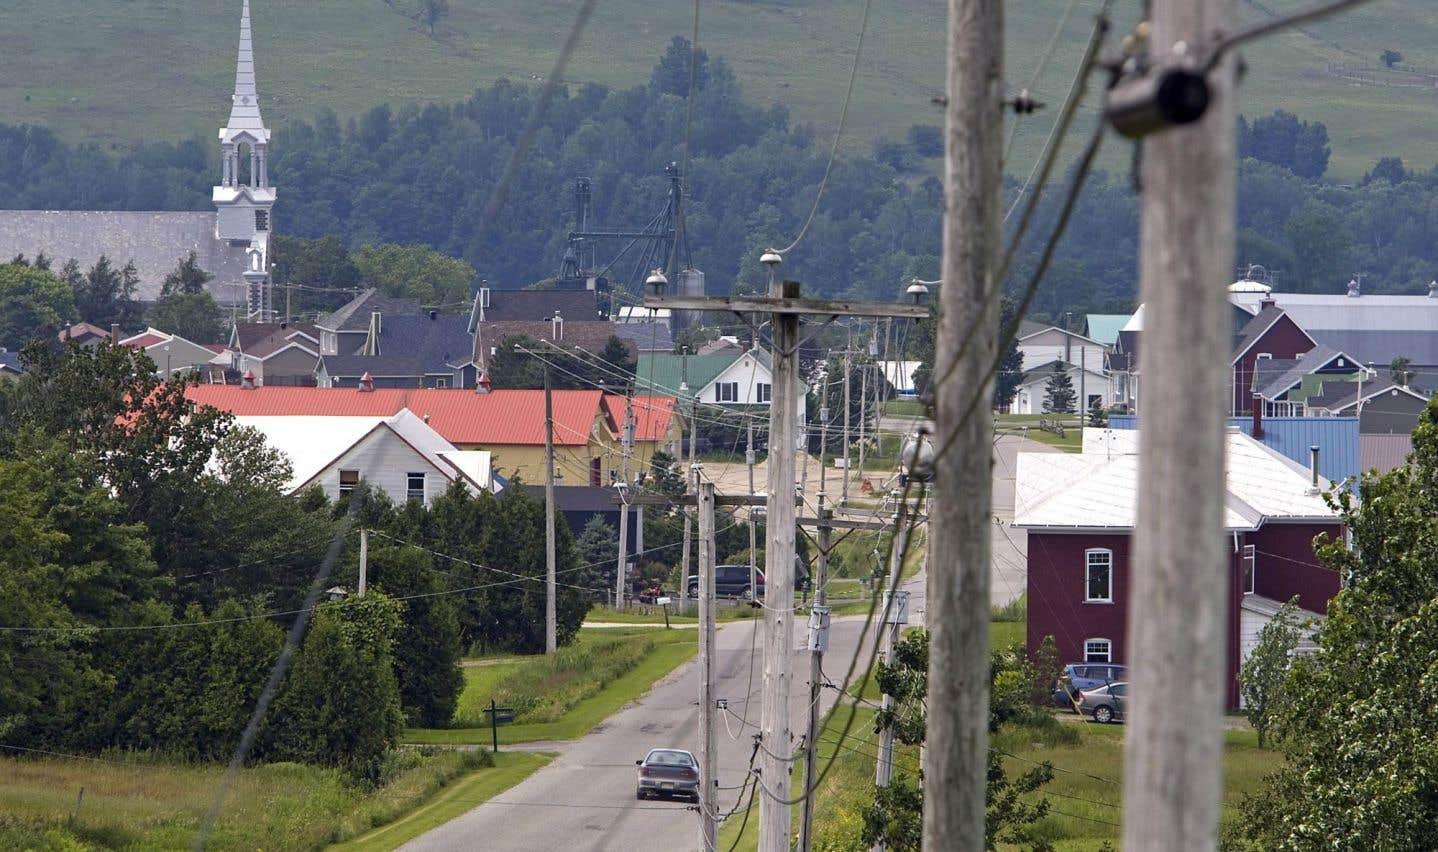 Les municipalités possèdent toute l'expertise pour honorer les responsabilités qui leur seront conférées ultérieurement selon le maire de Drummondville, Alexandre Cusson.